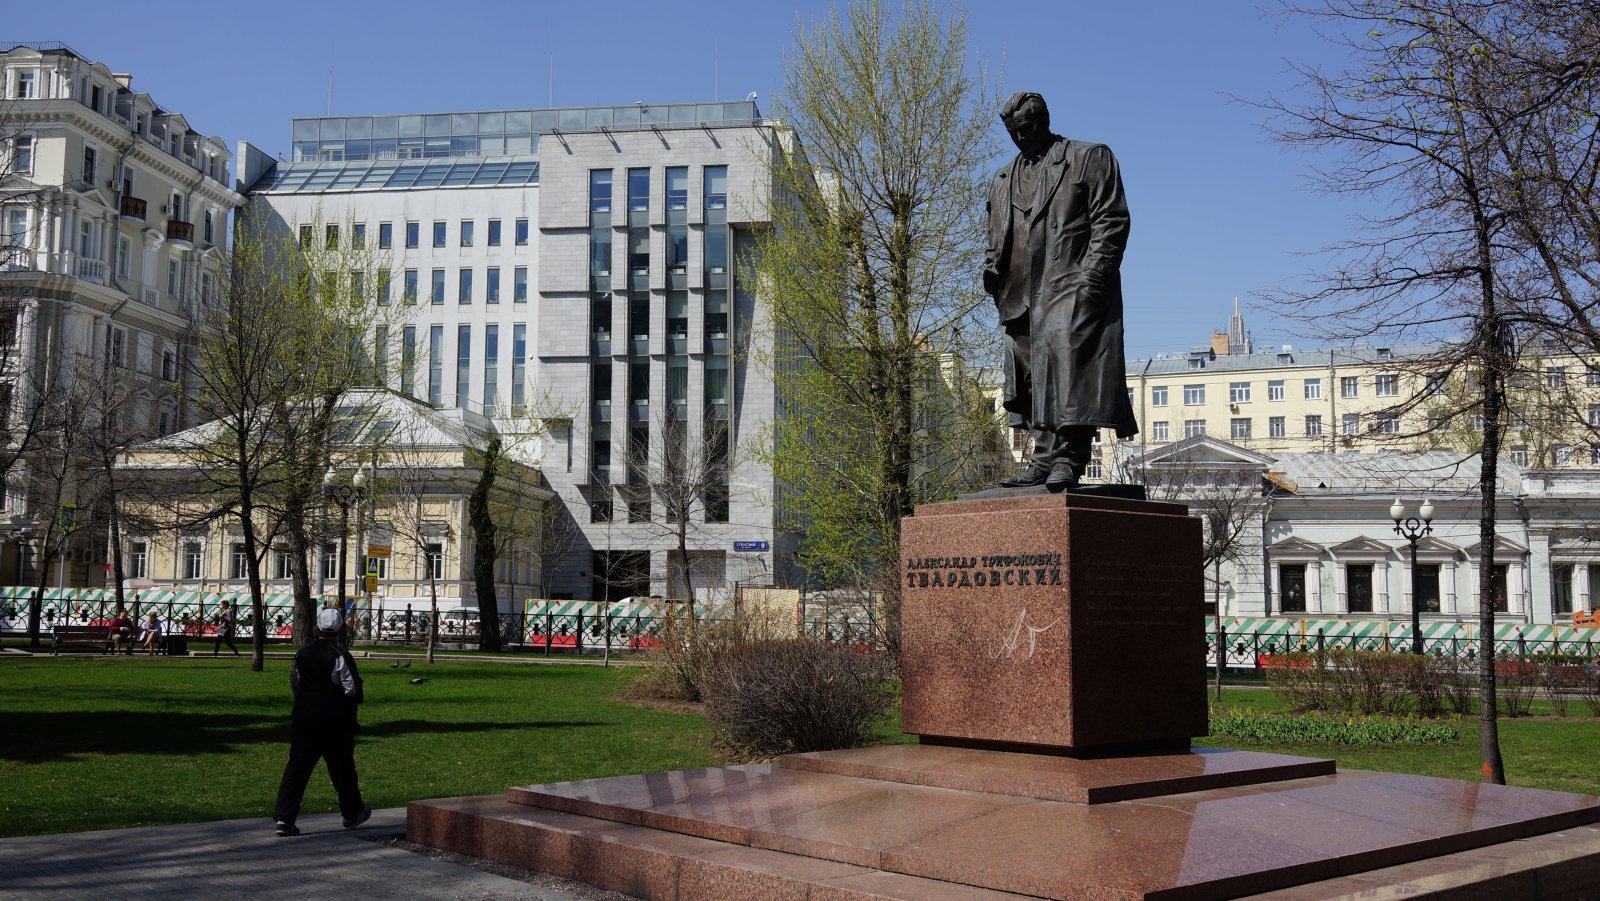 Памятник_Твардовскому_на_Петровском_бульваре,_г._Москва_30_04.2017_г..JPG